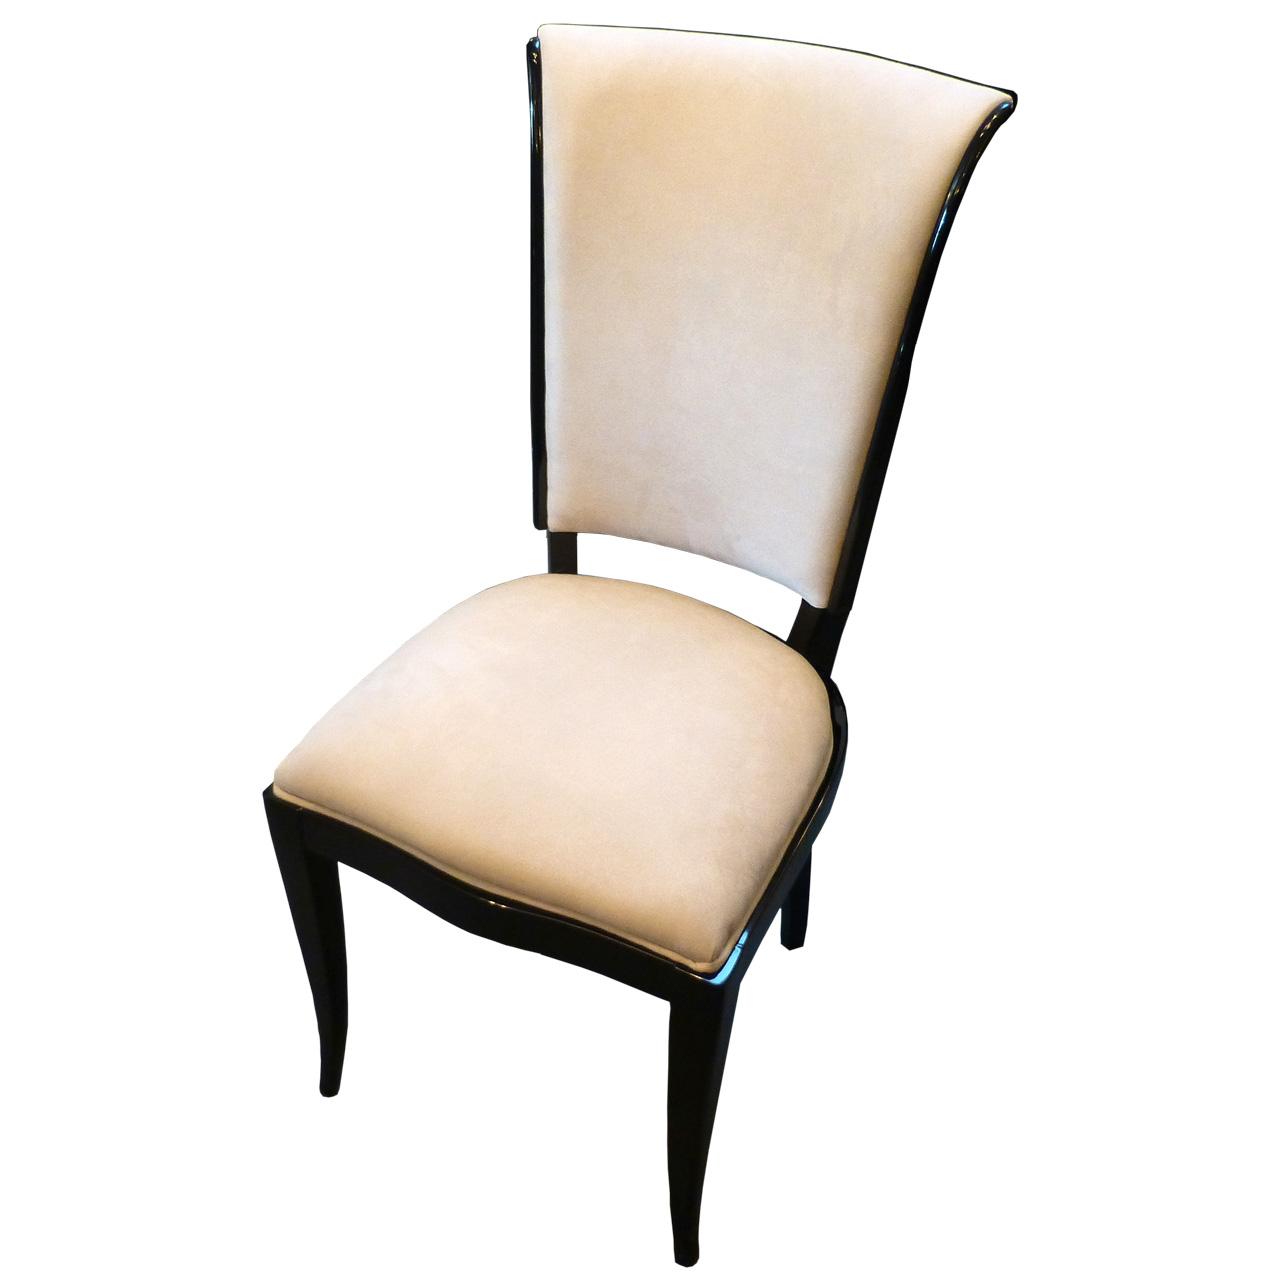 3150 8 Art Deco Stühle aus Frankreich, hochwertig restauriert. Sehr schöne geschwungene Form